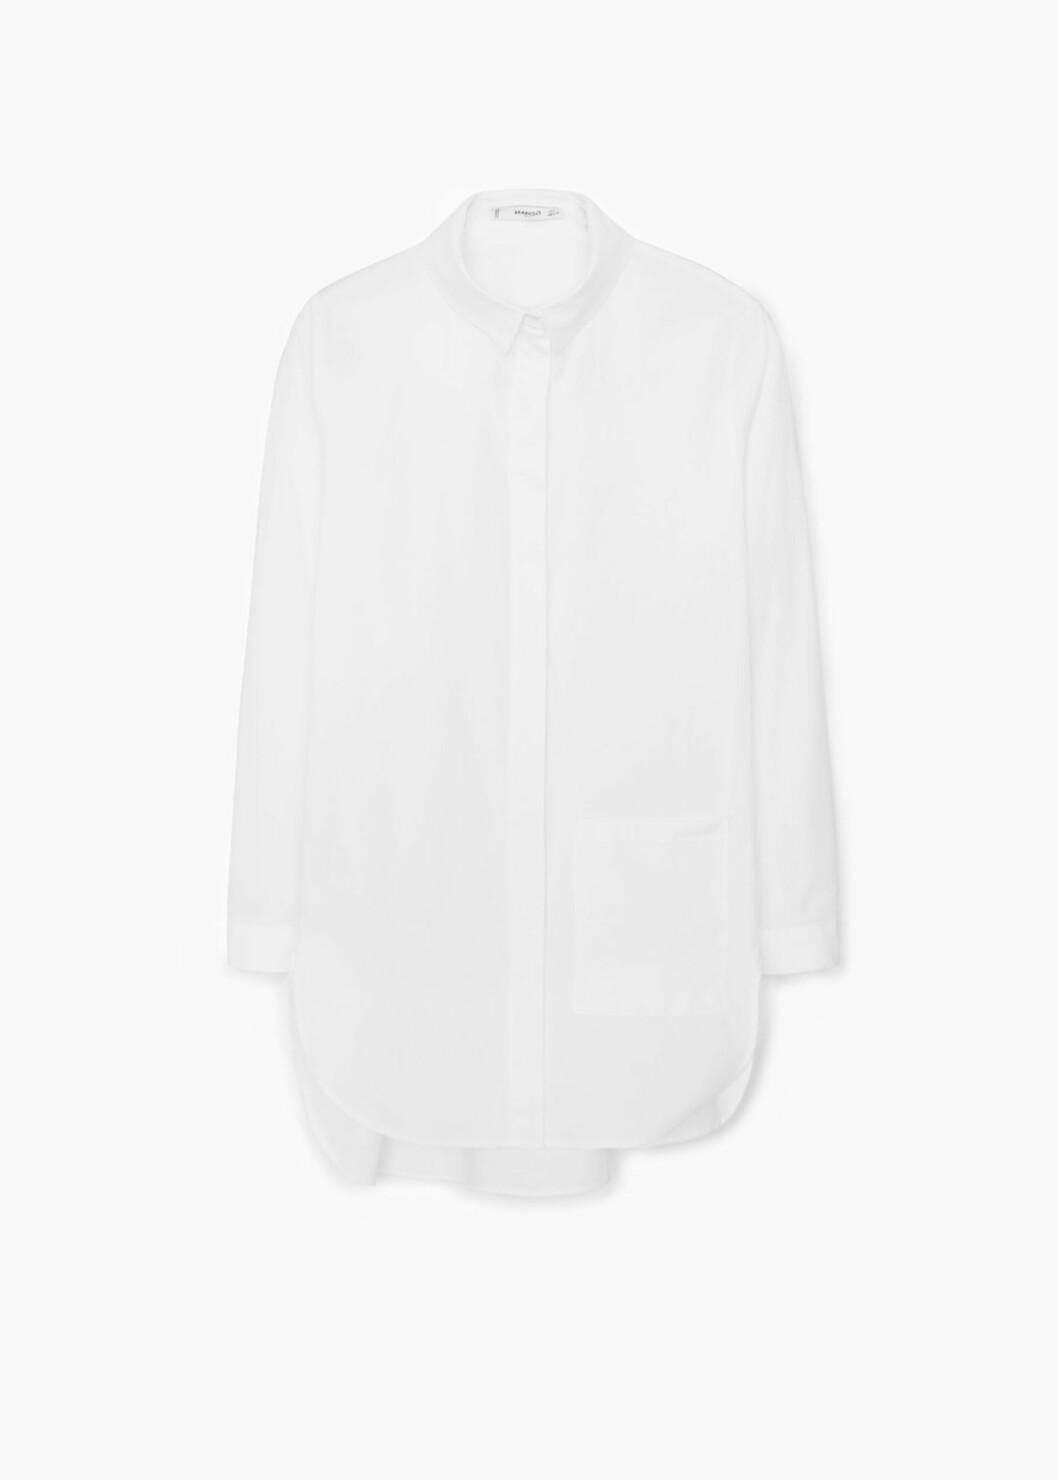 Skjorte fra Mango, kr 399. Foto: Produsenten